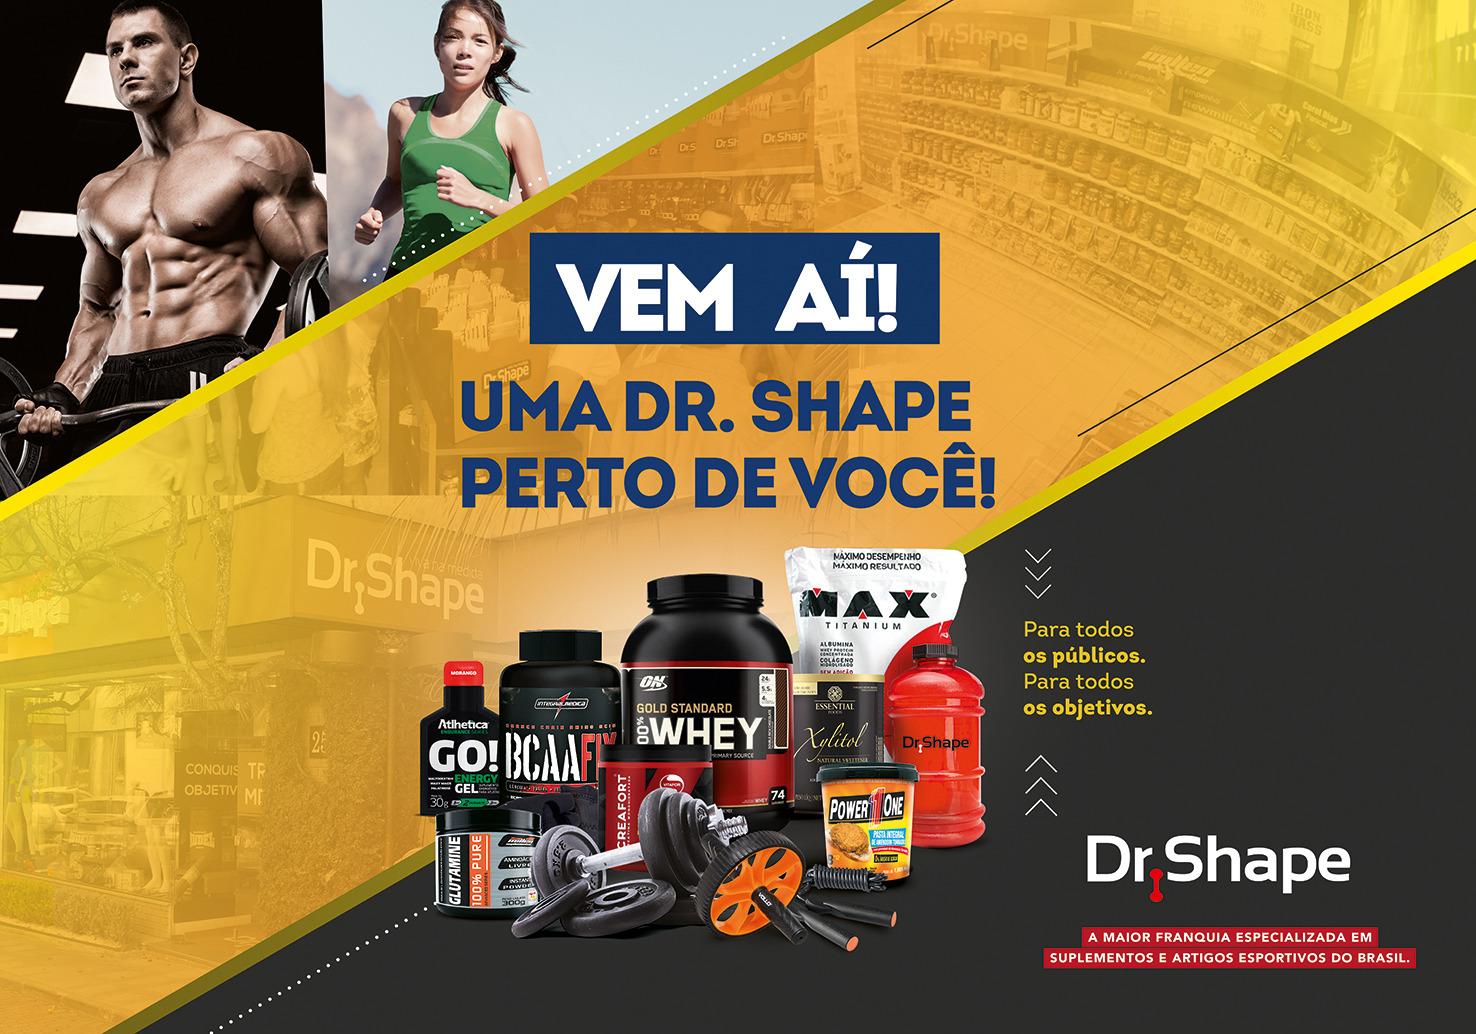 ad40754f725 Dr. Shape chega ao North Shopping em dezembro trazendo suplementação e  acessórios esportivos